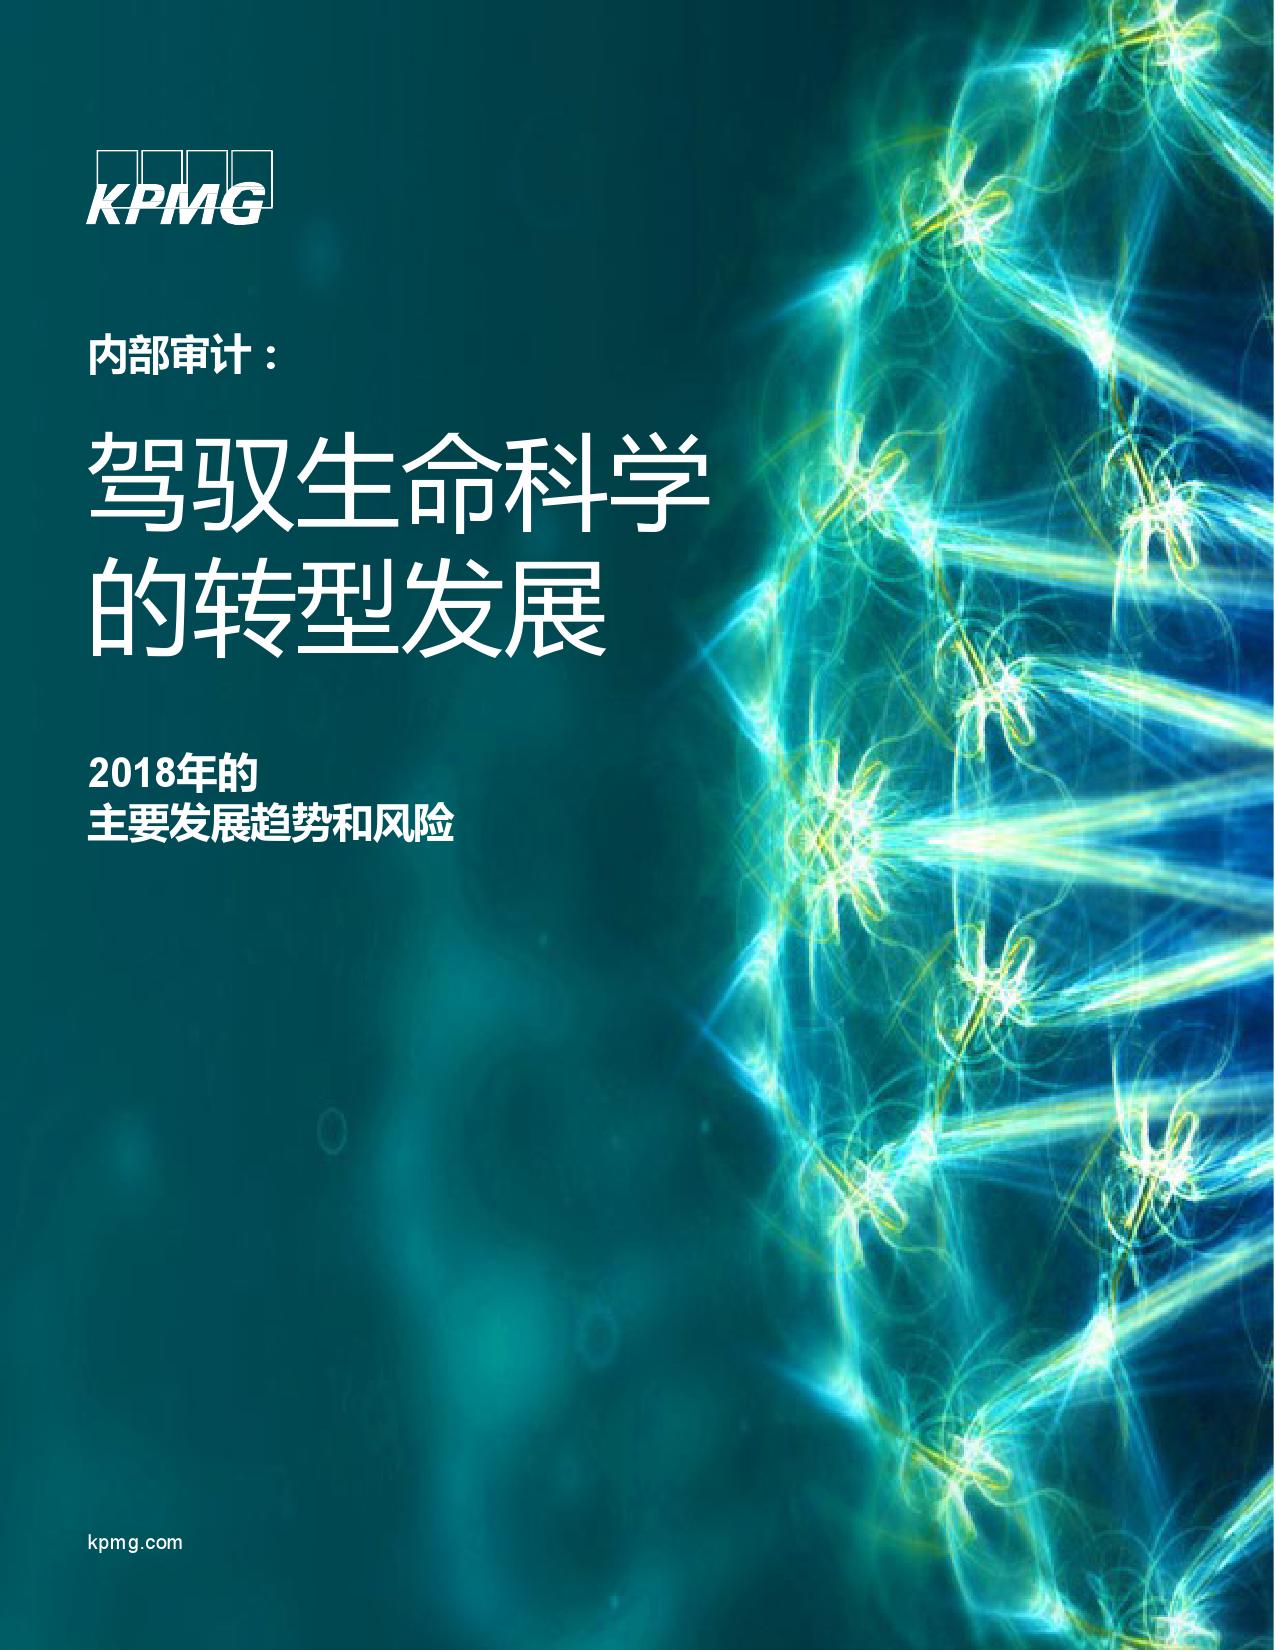 德勤咨询: 2018年生命科学主要发展趋势和风险(附下载)